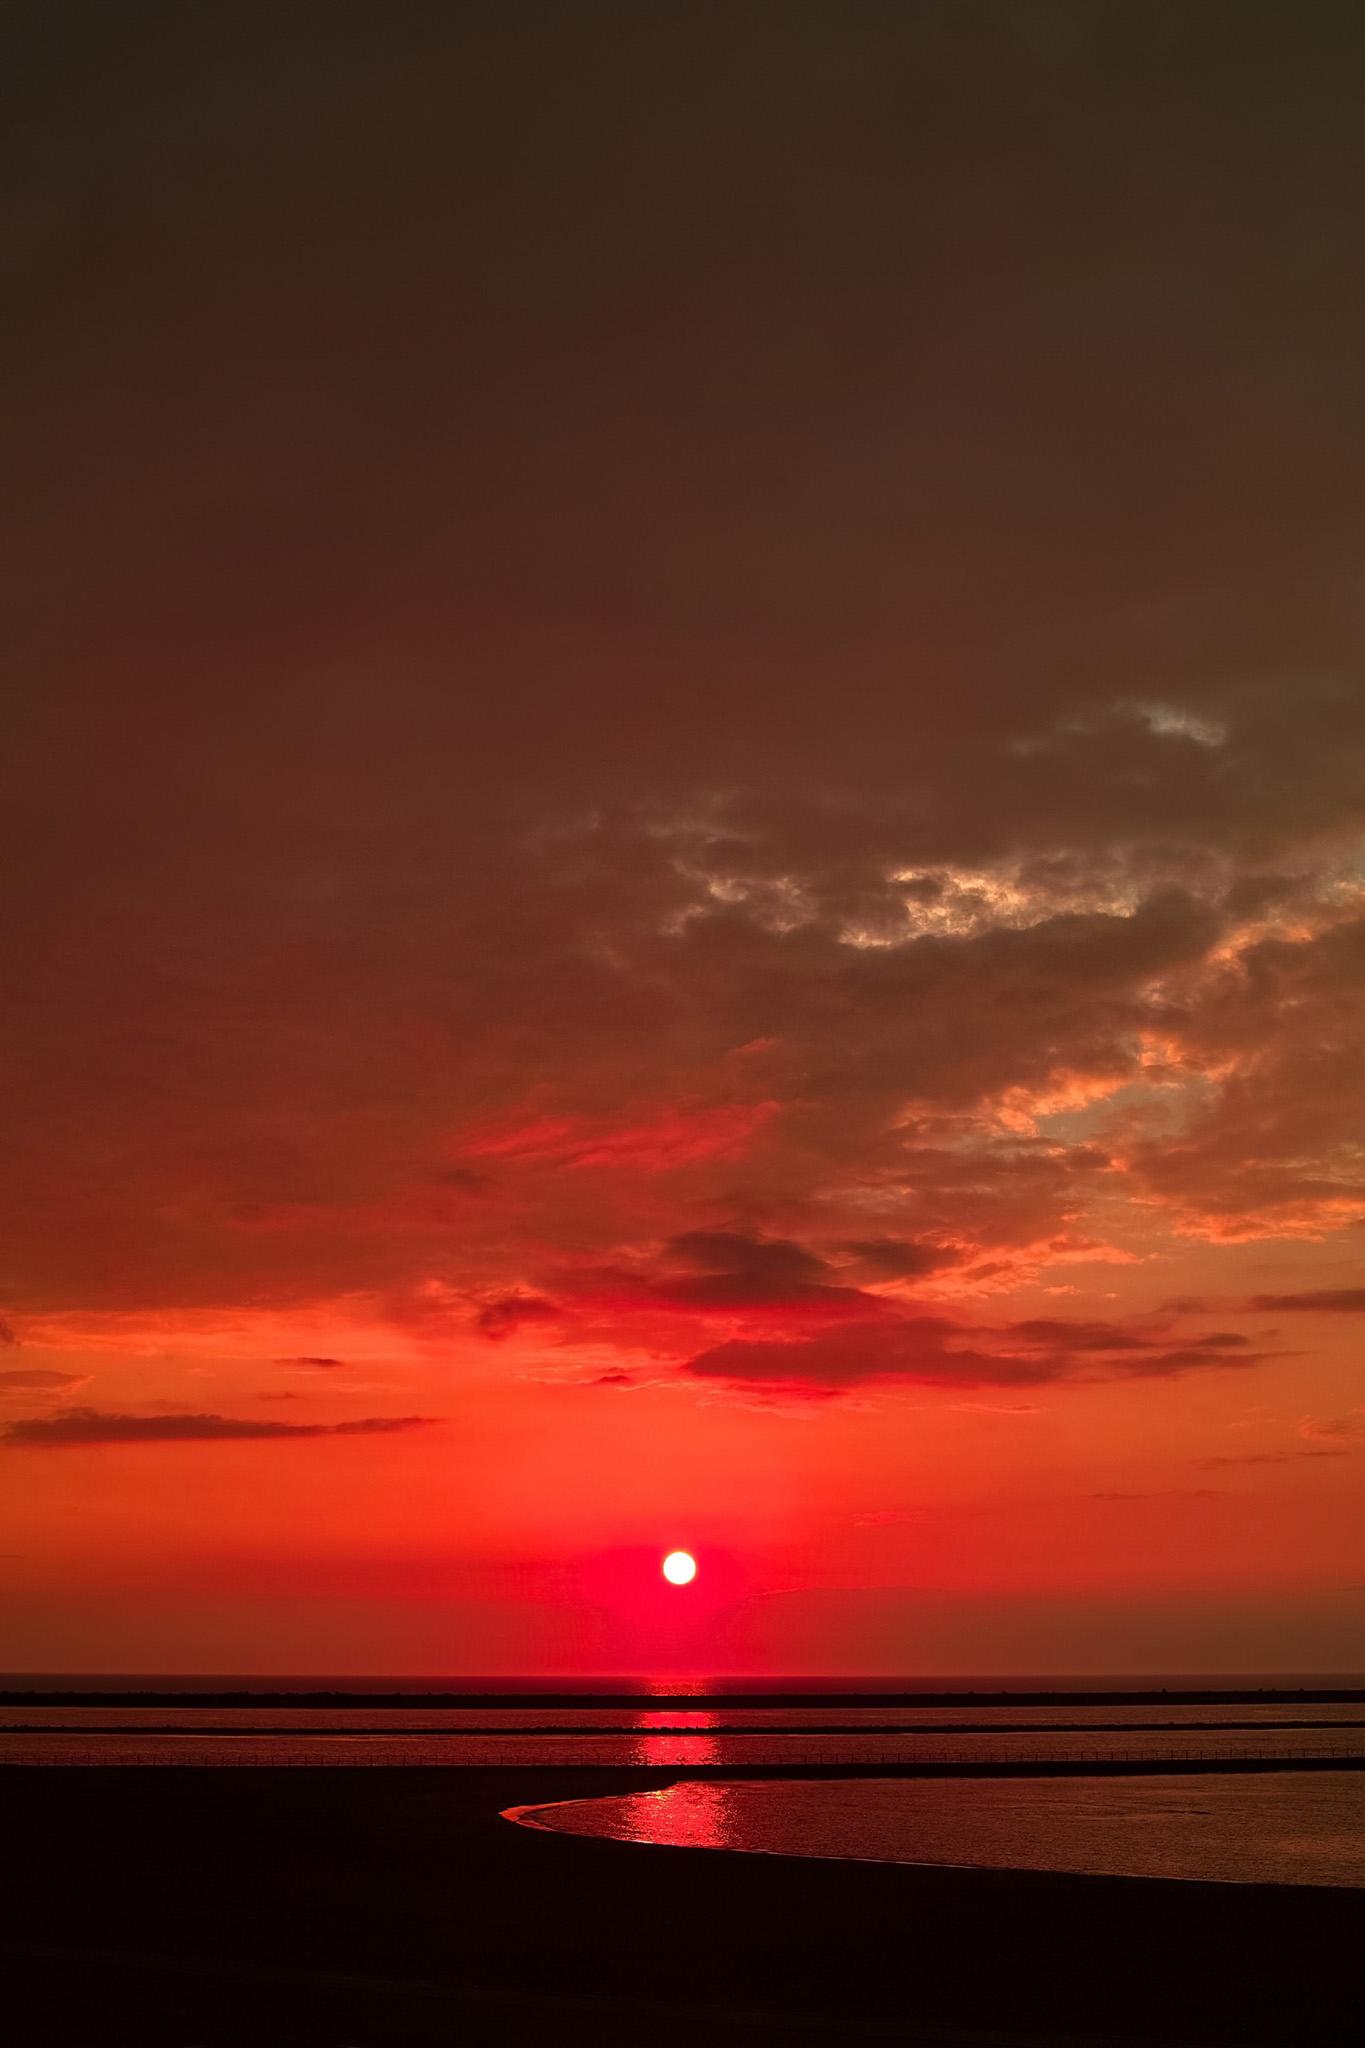 「赤い夕焼けの海岸」